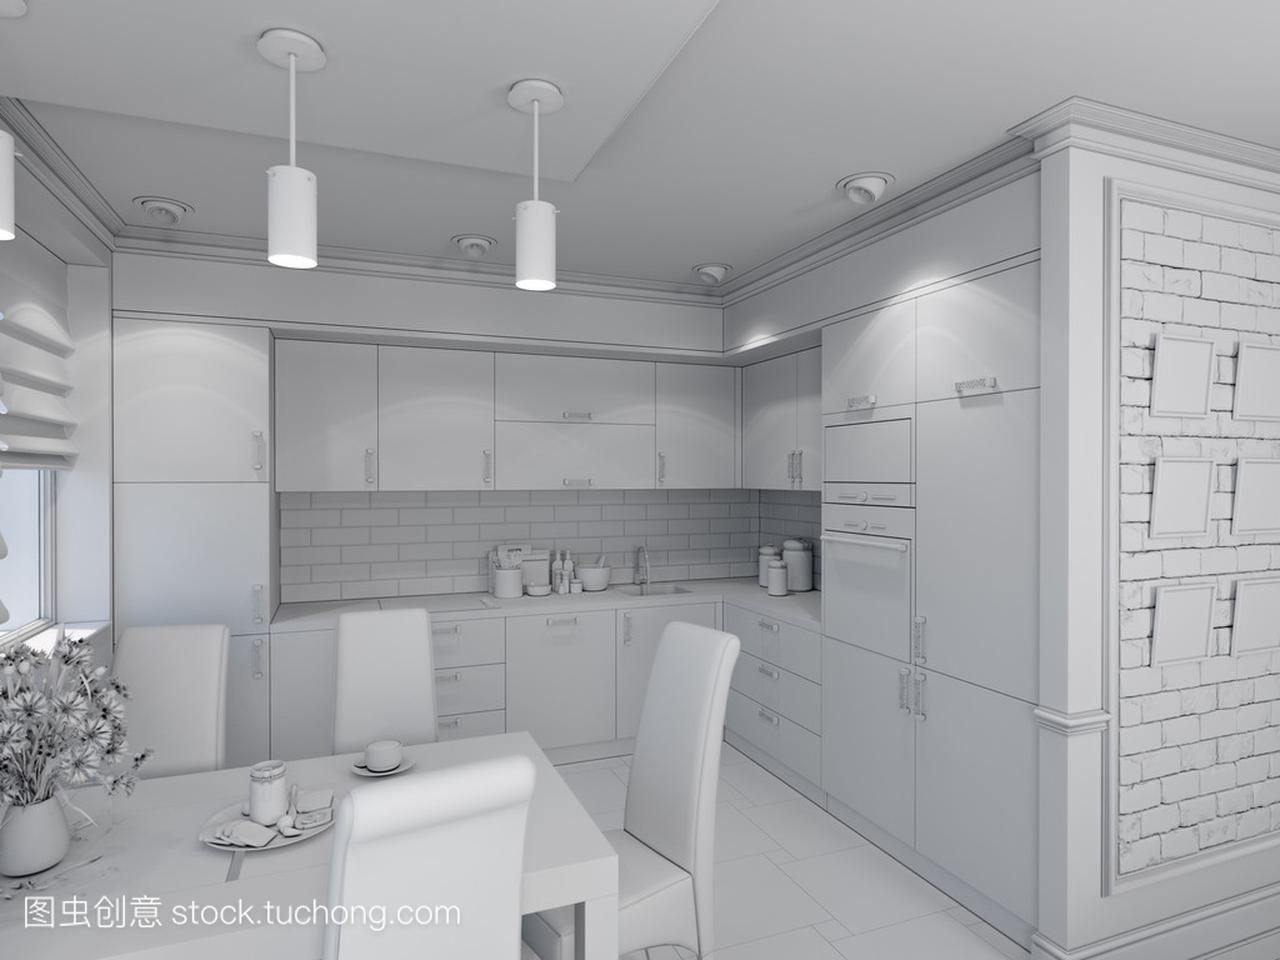 大全与厨房室内设计的客厅,现代经典的3d北方平房室内设计图及效果图风格图片